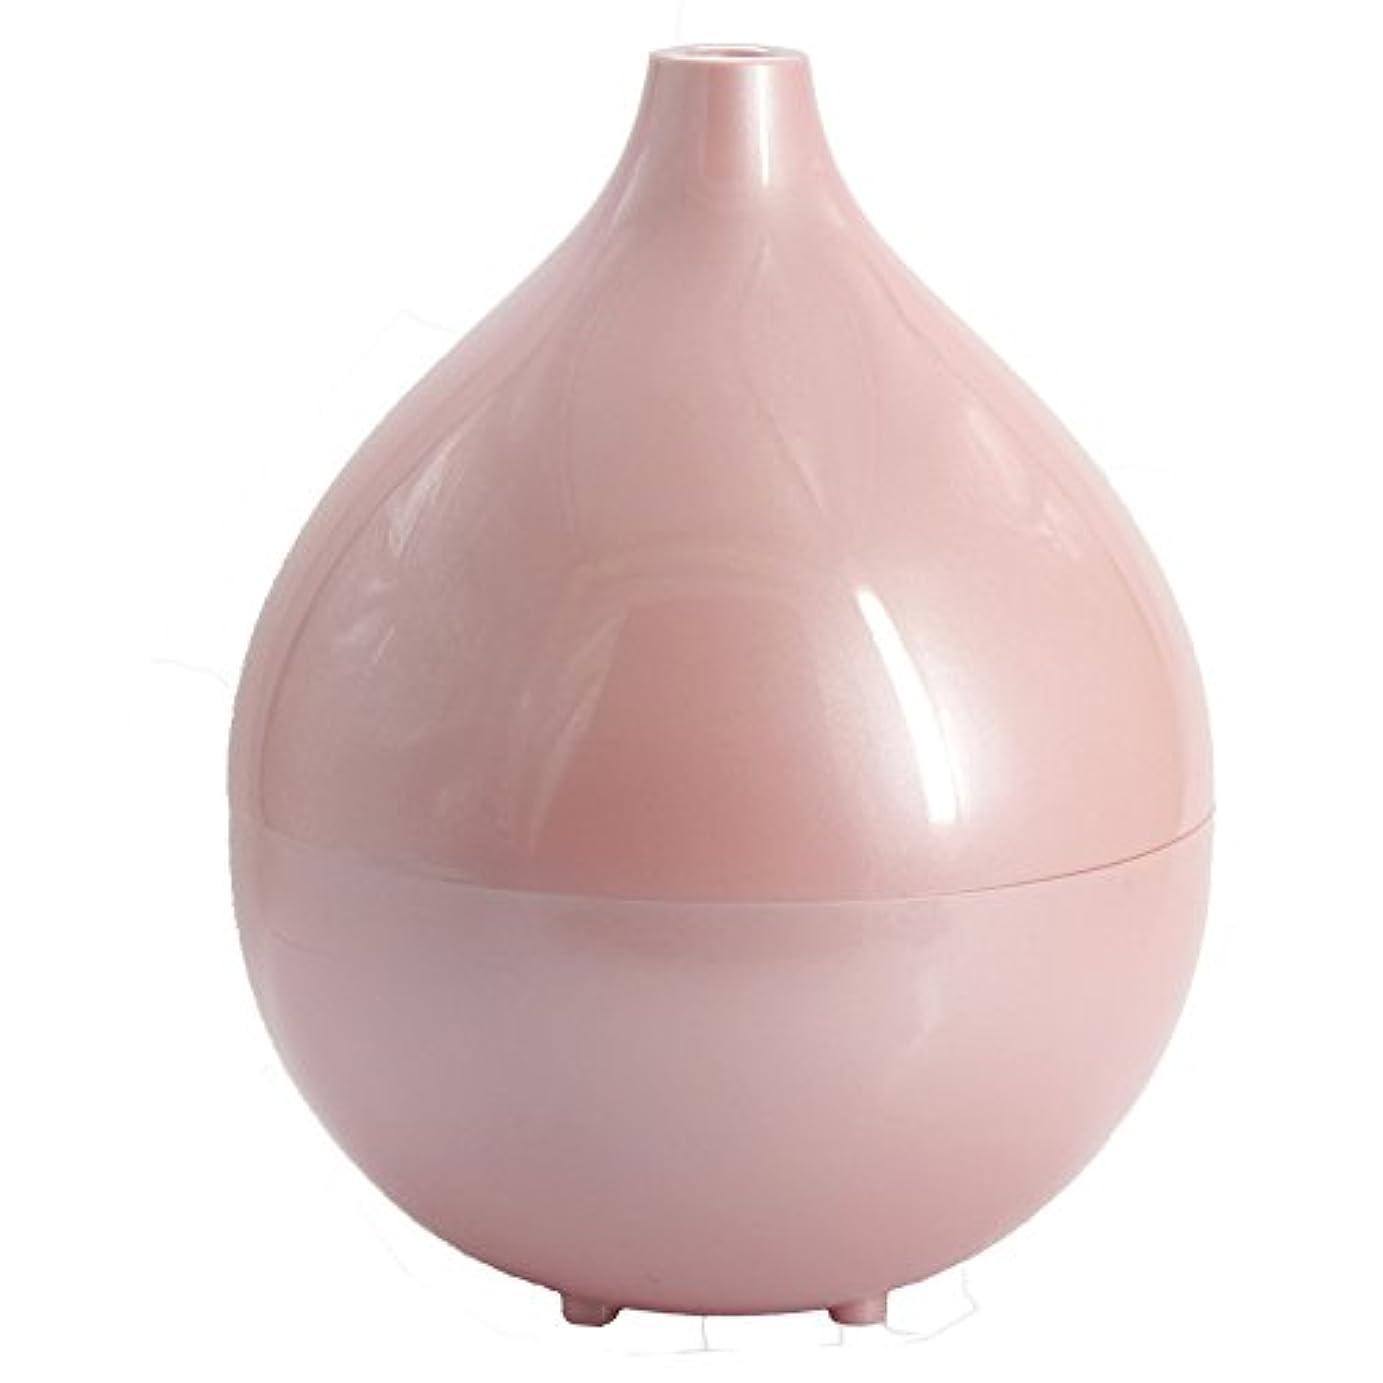 く胃あえて超音波 加湿器 桃/タンク容量:1.2L / 水溶性アロマ対応